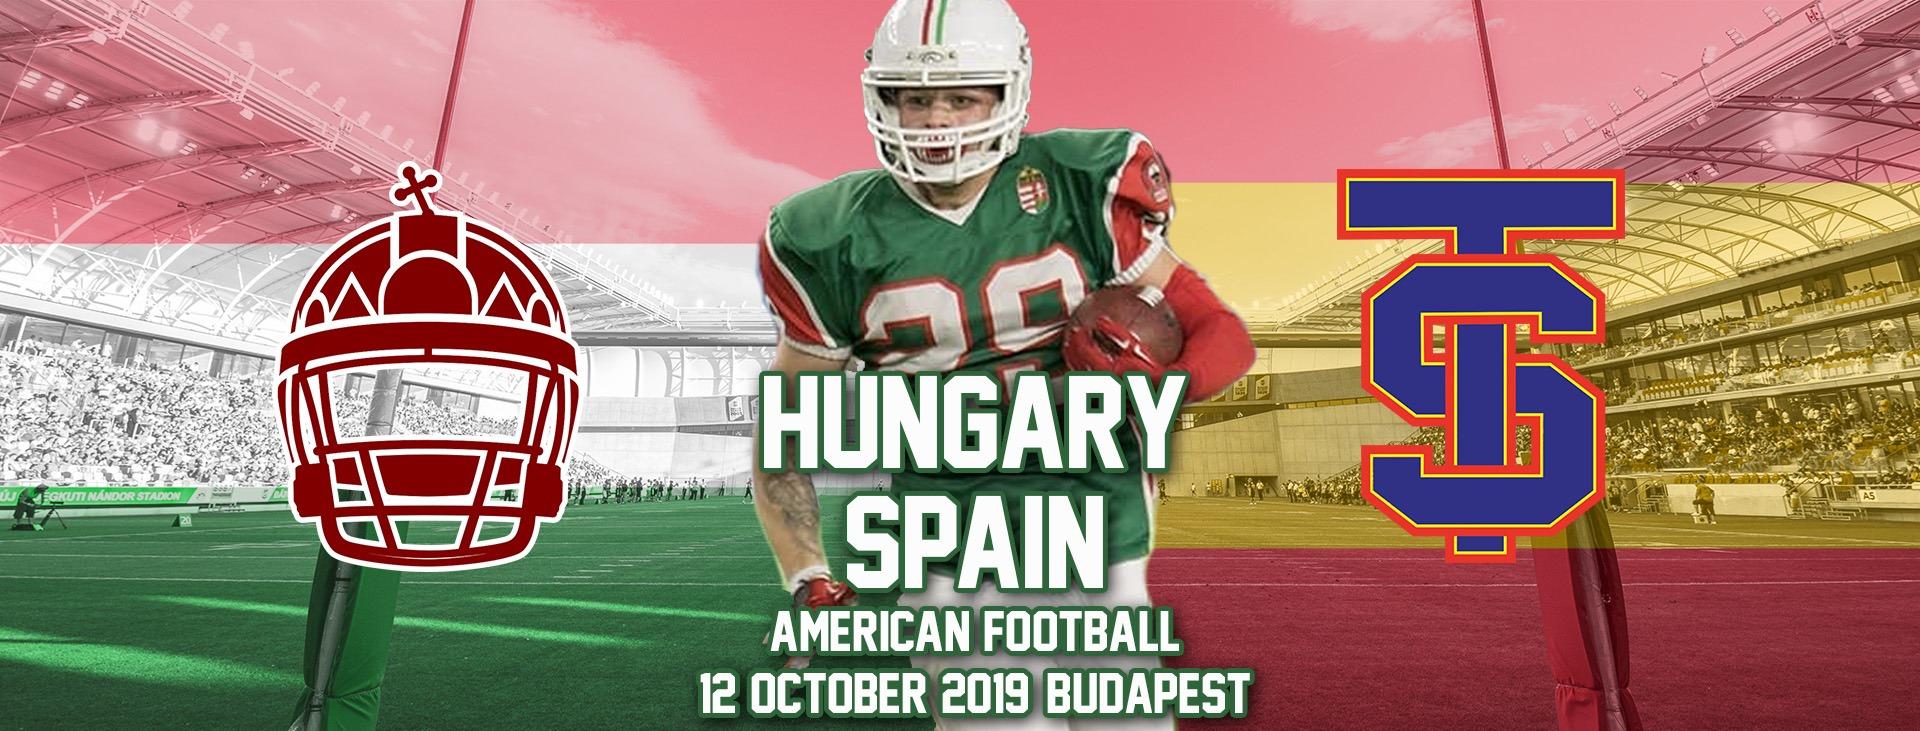 Magyarország - Spanyolország